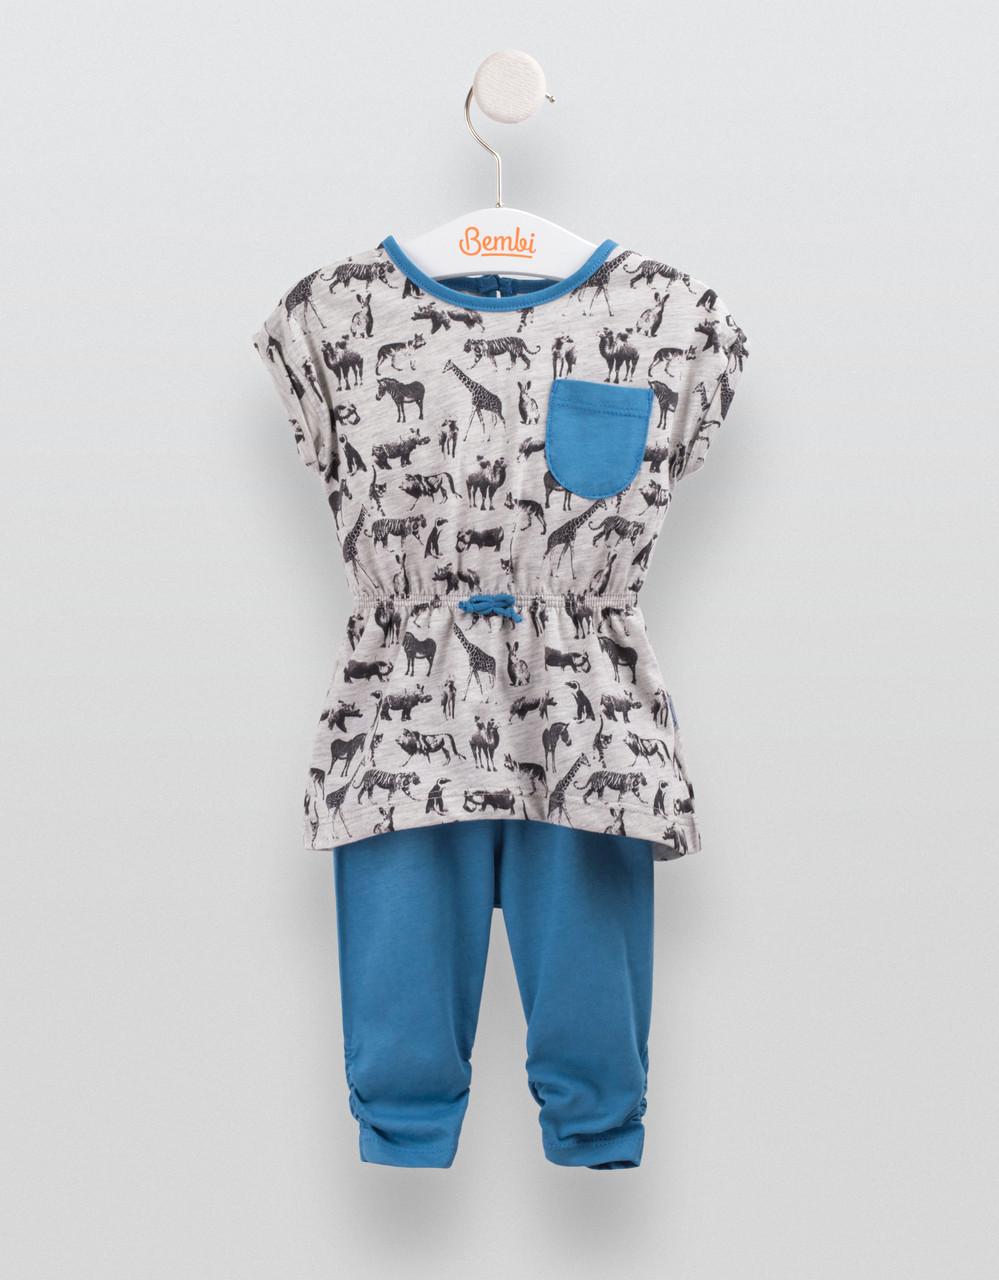 Комплект для девочки Бемби Зоо, синий, КС556 (р.86)